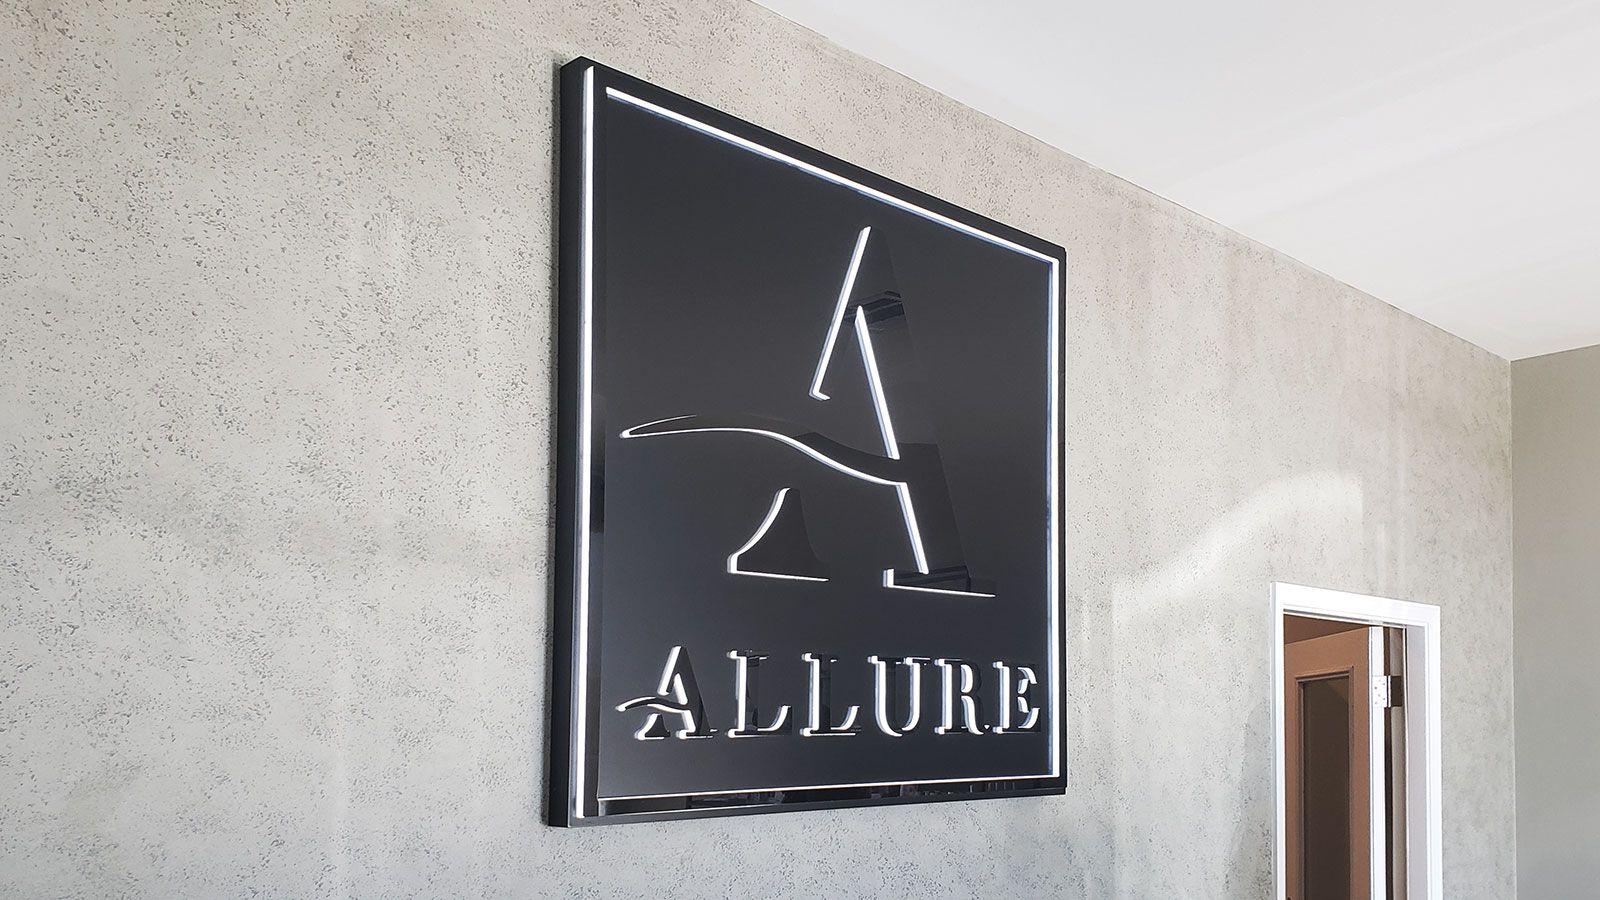 Allure illuminated office sign